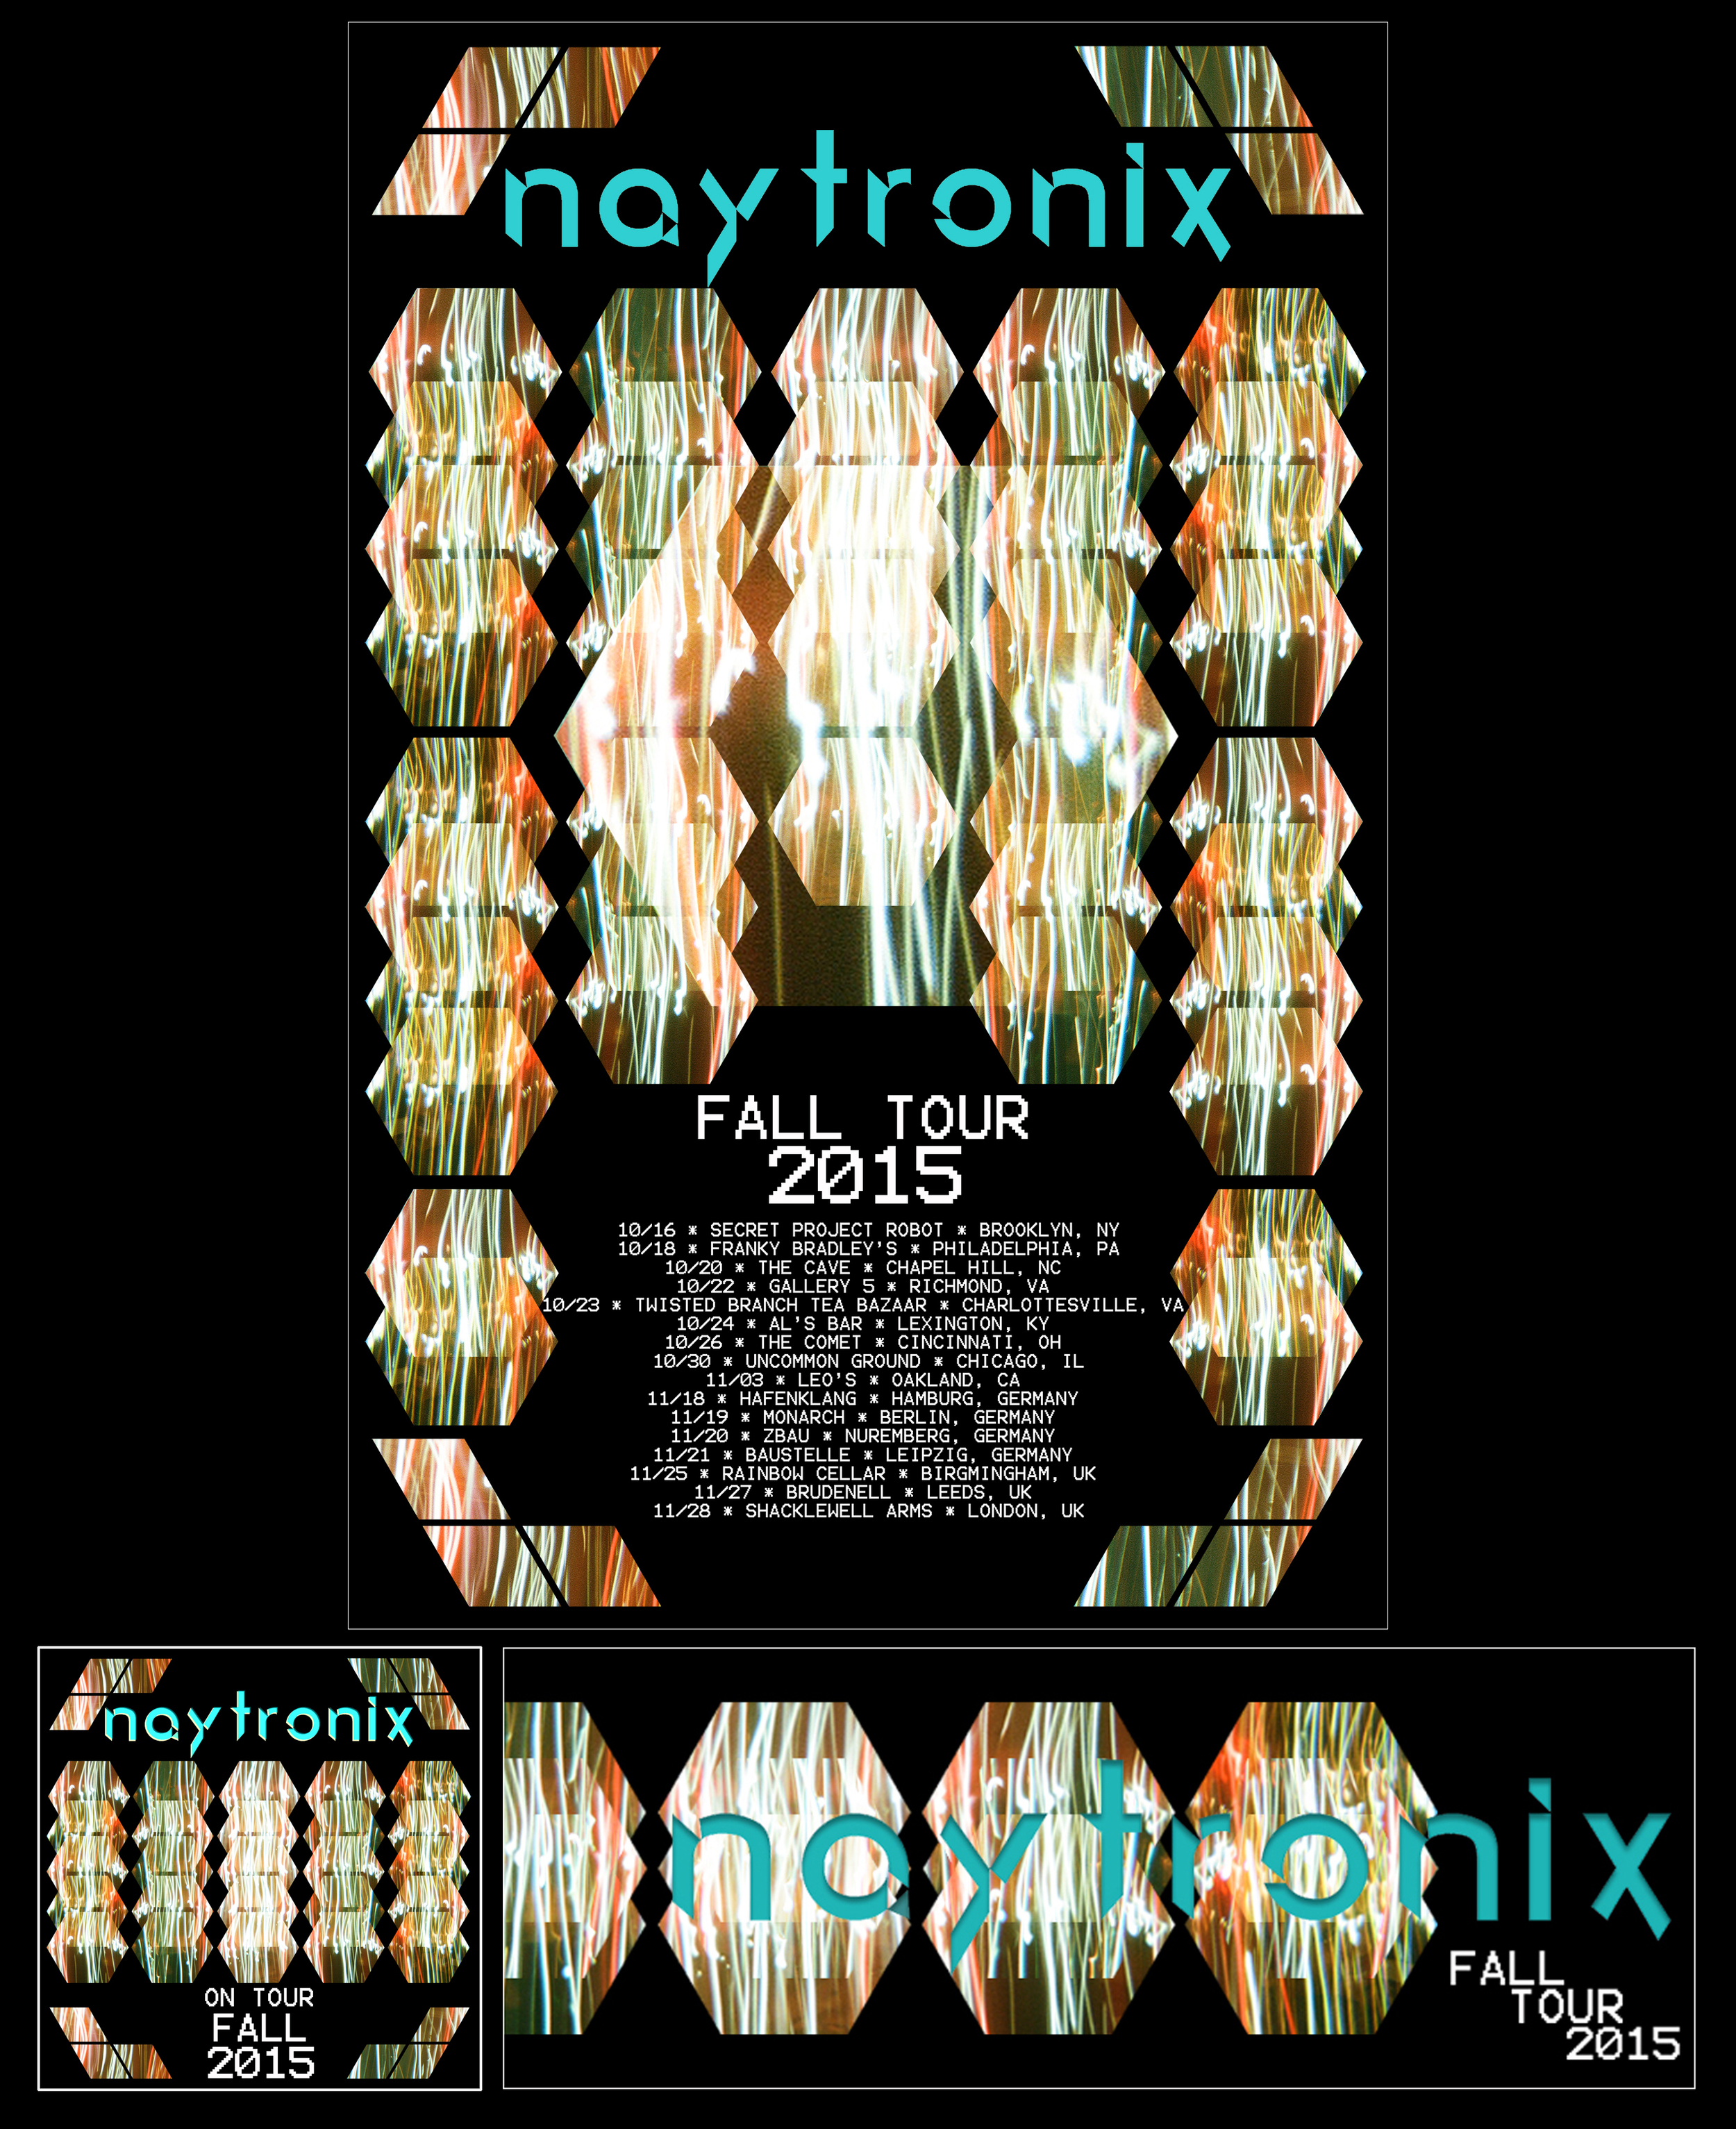 Naytronix_Fall Tour2015_V3-web.jpg